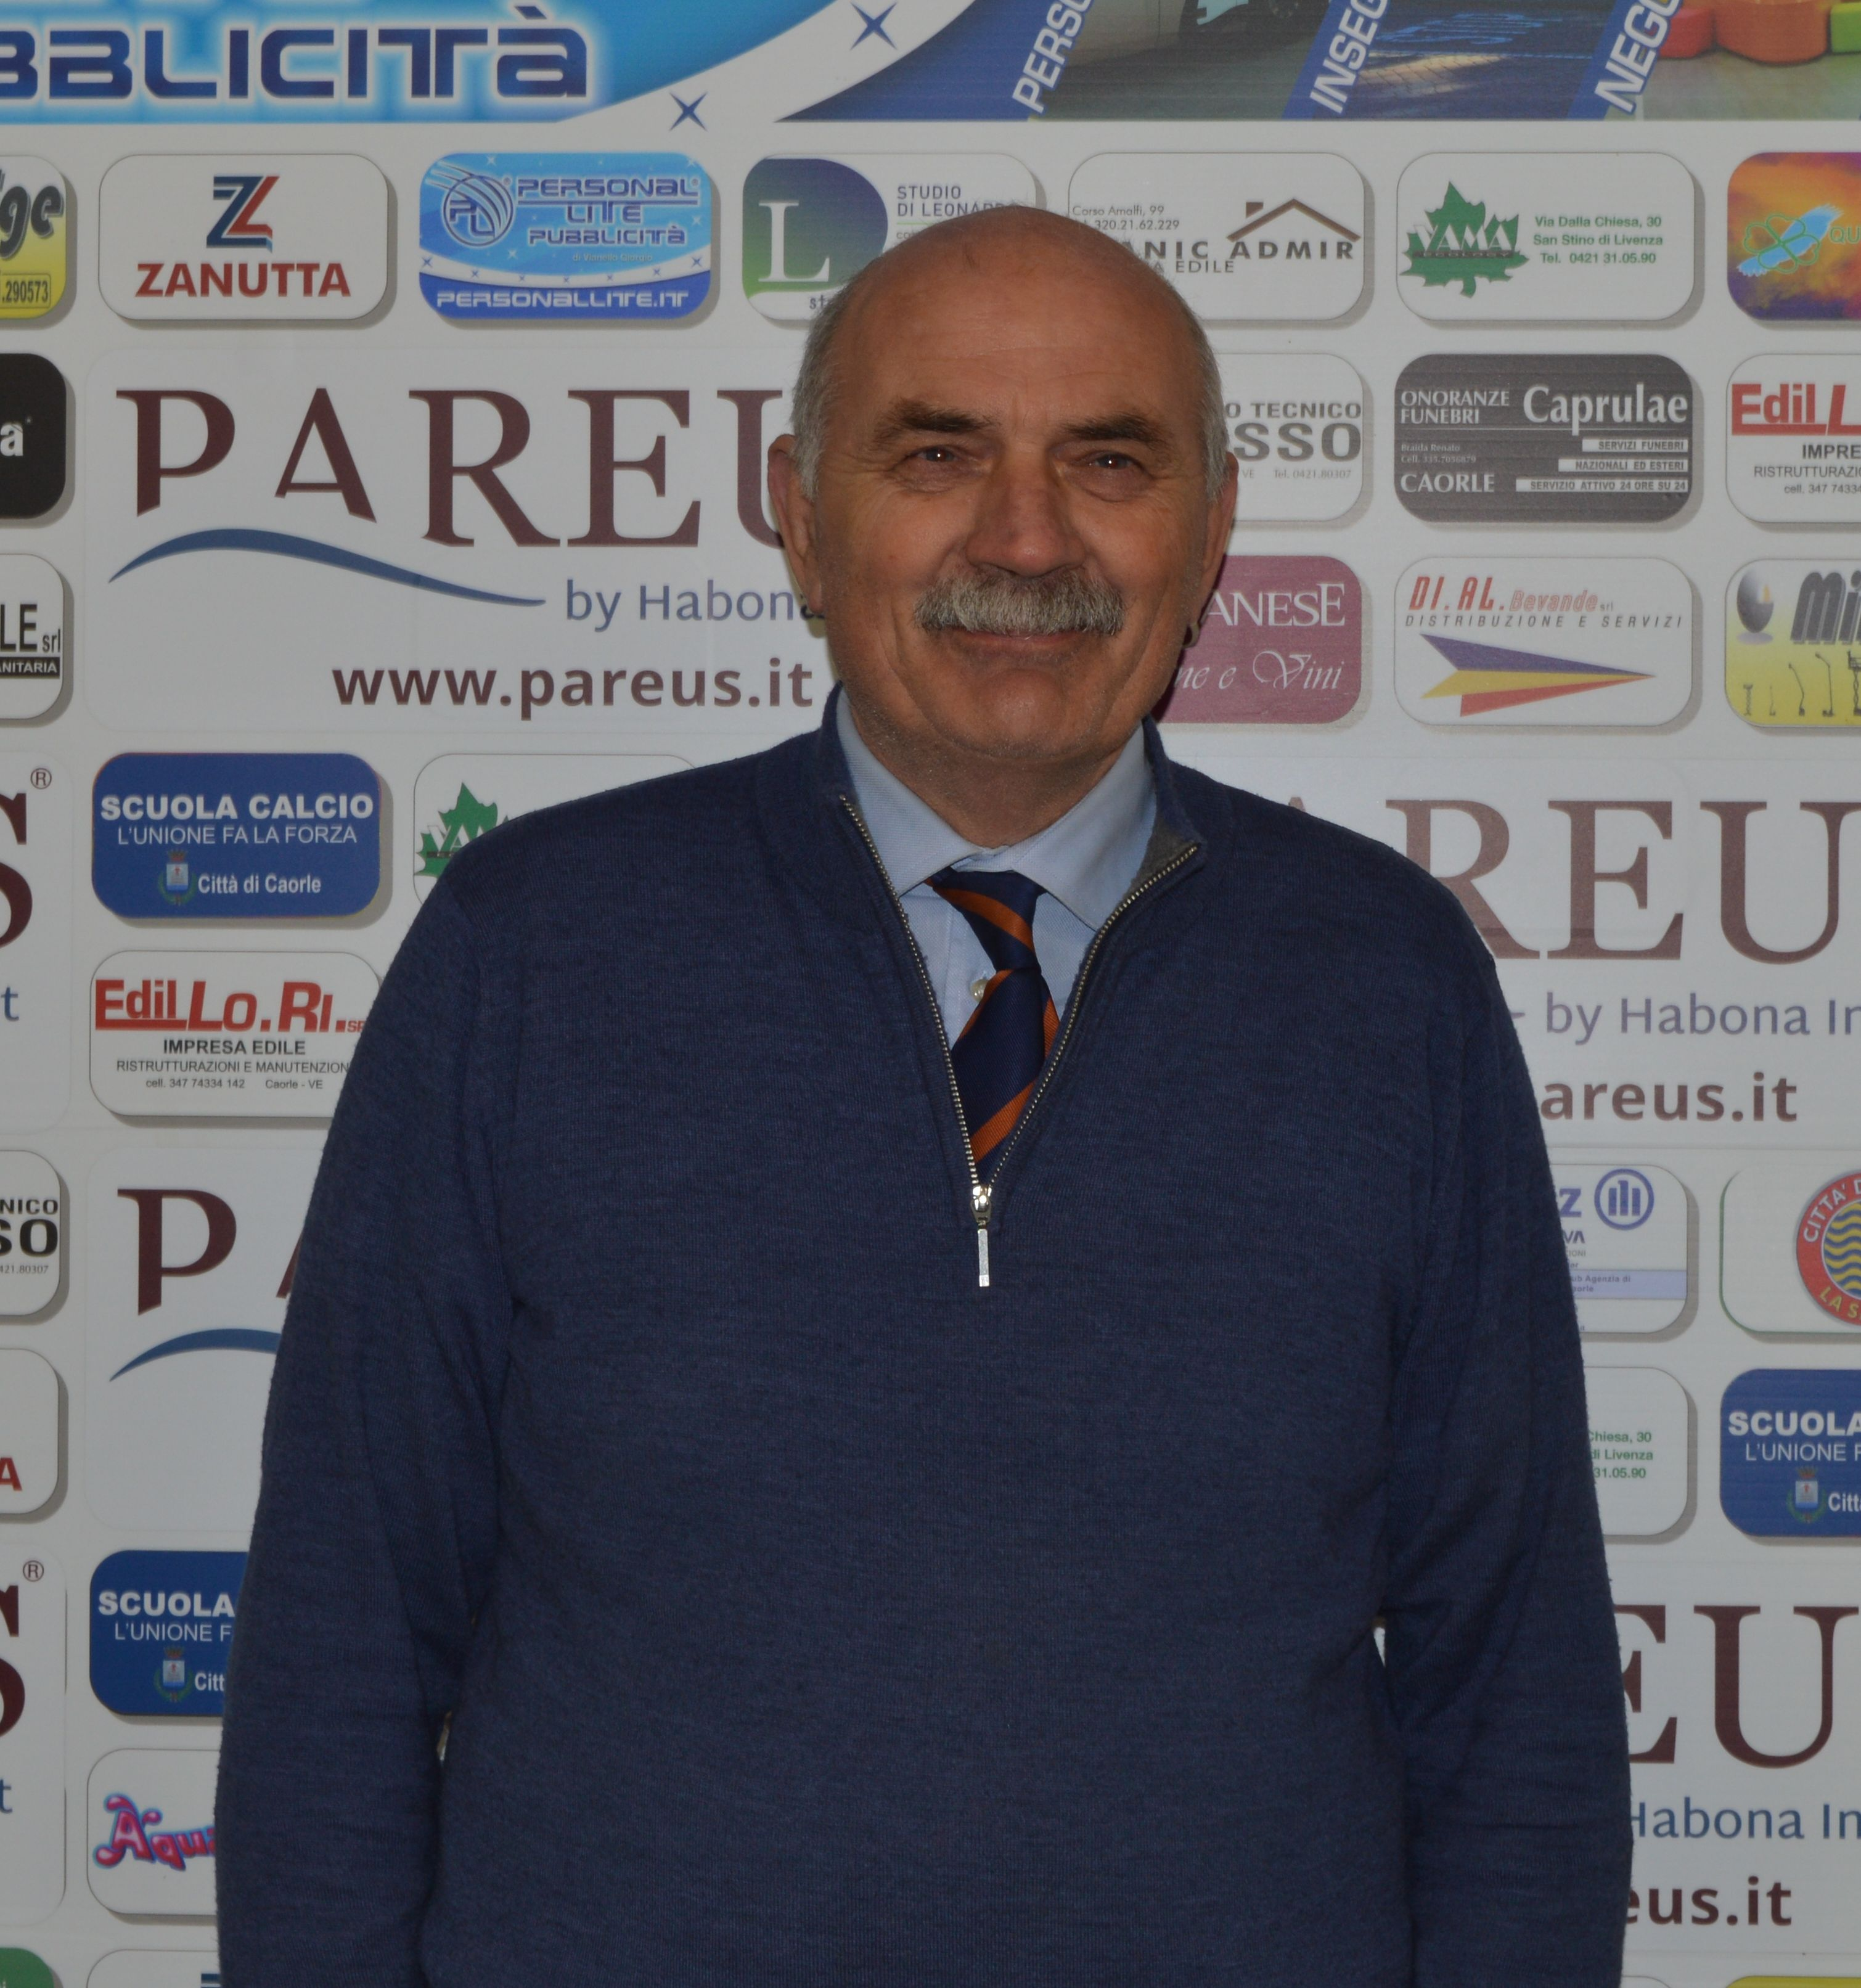 Giorgio Brichese